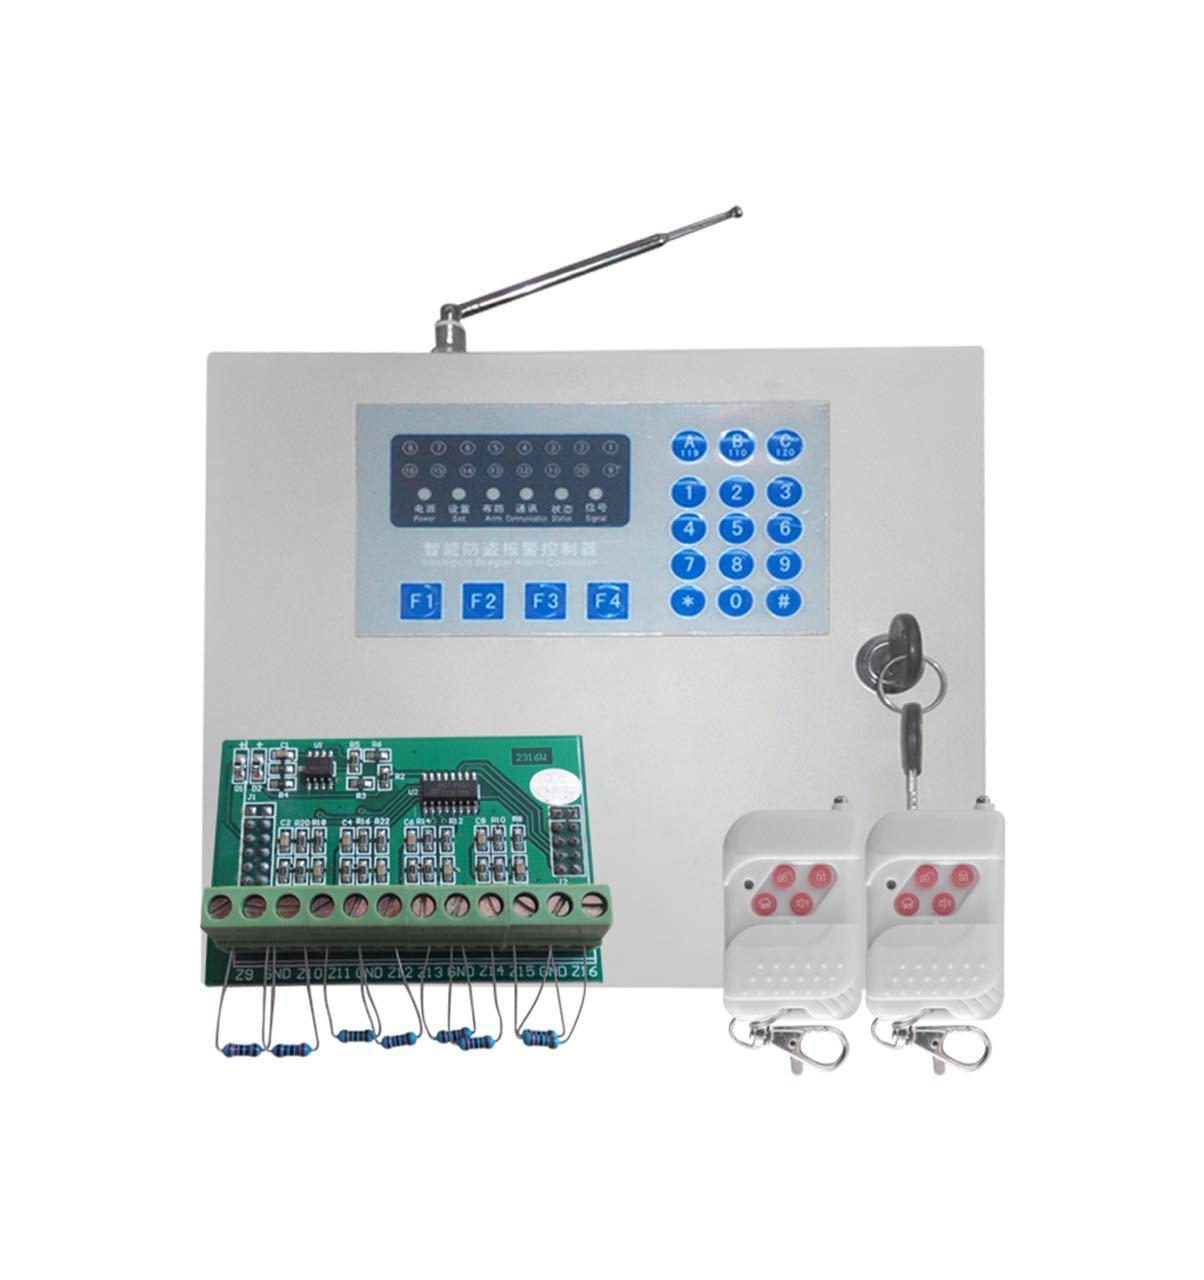 Thiết bị báo cháy máy chủ lưu trữ báo động tương thích có dây